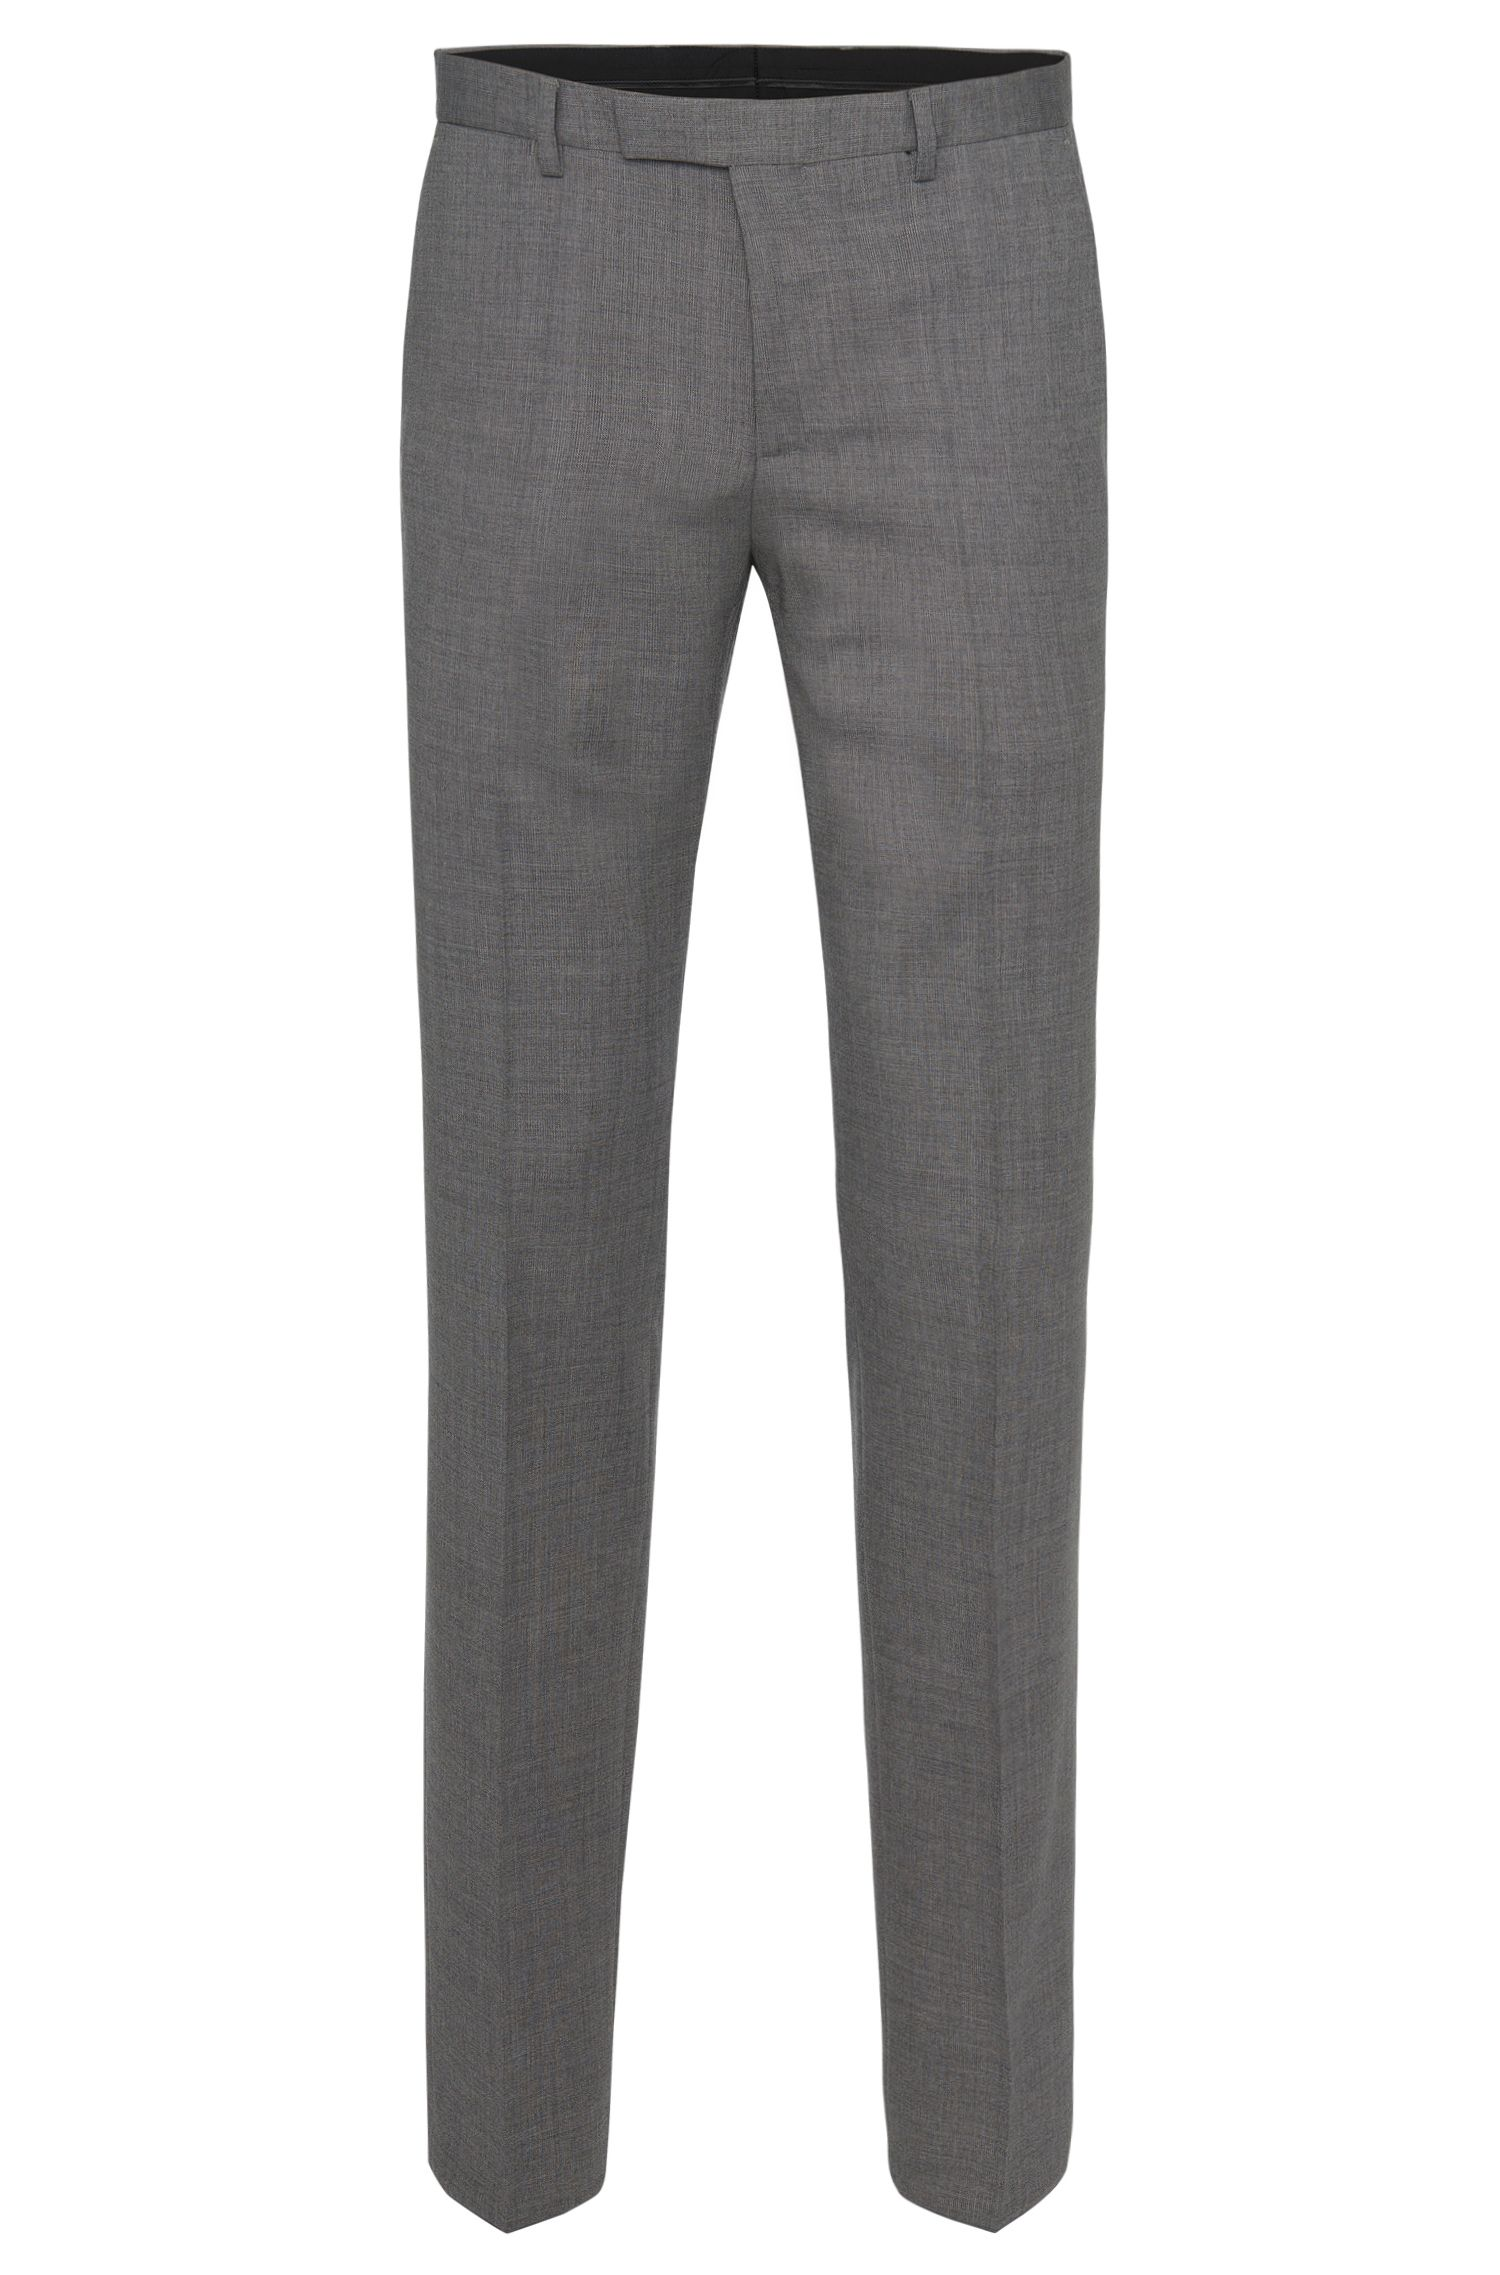 Pantalón regular fit en pura lana virgen con textura fina: 'Lightning1'